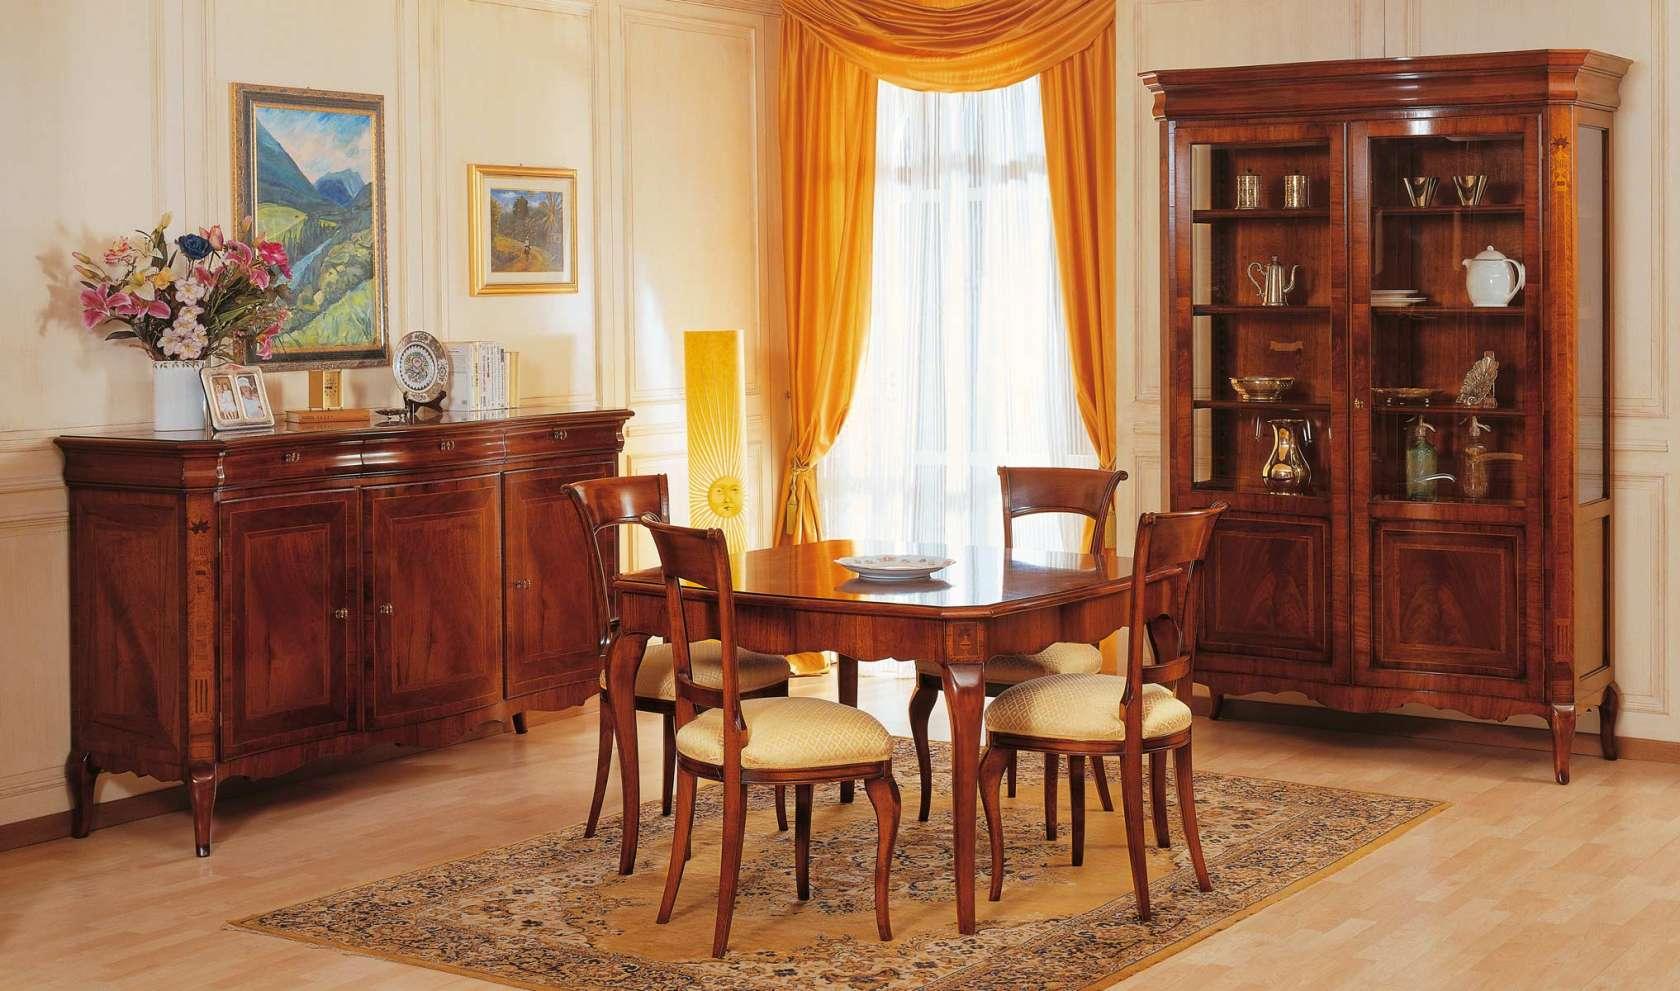 Mobili Classici Sala Da Pranzo 800 Francese Vimercati Meda #BA8911 1680 991 Nella Sala Da Pranzo In Francese